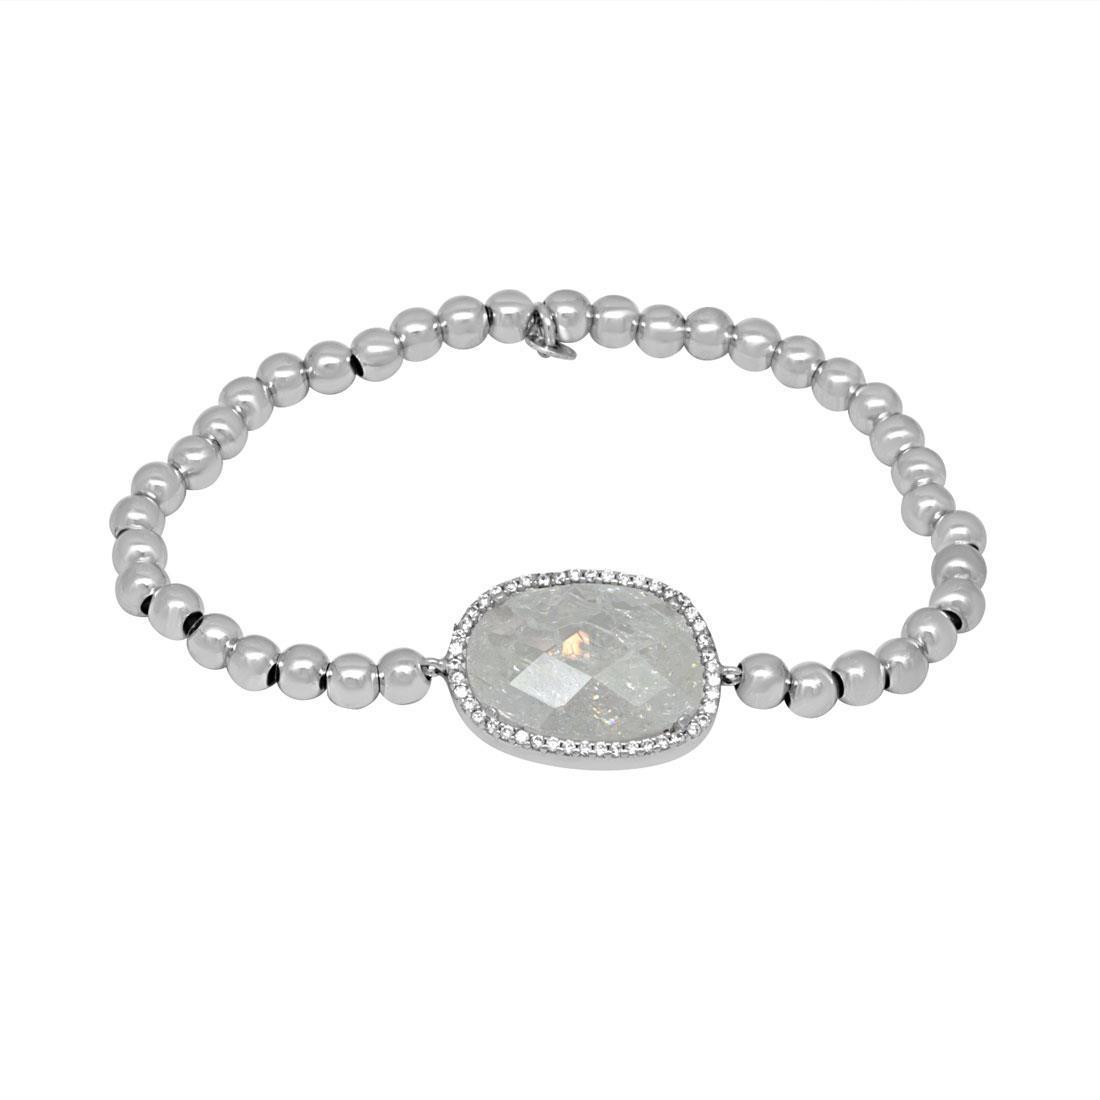 Bracciale elastico in argento e quarzo - ORO&CO 925